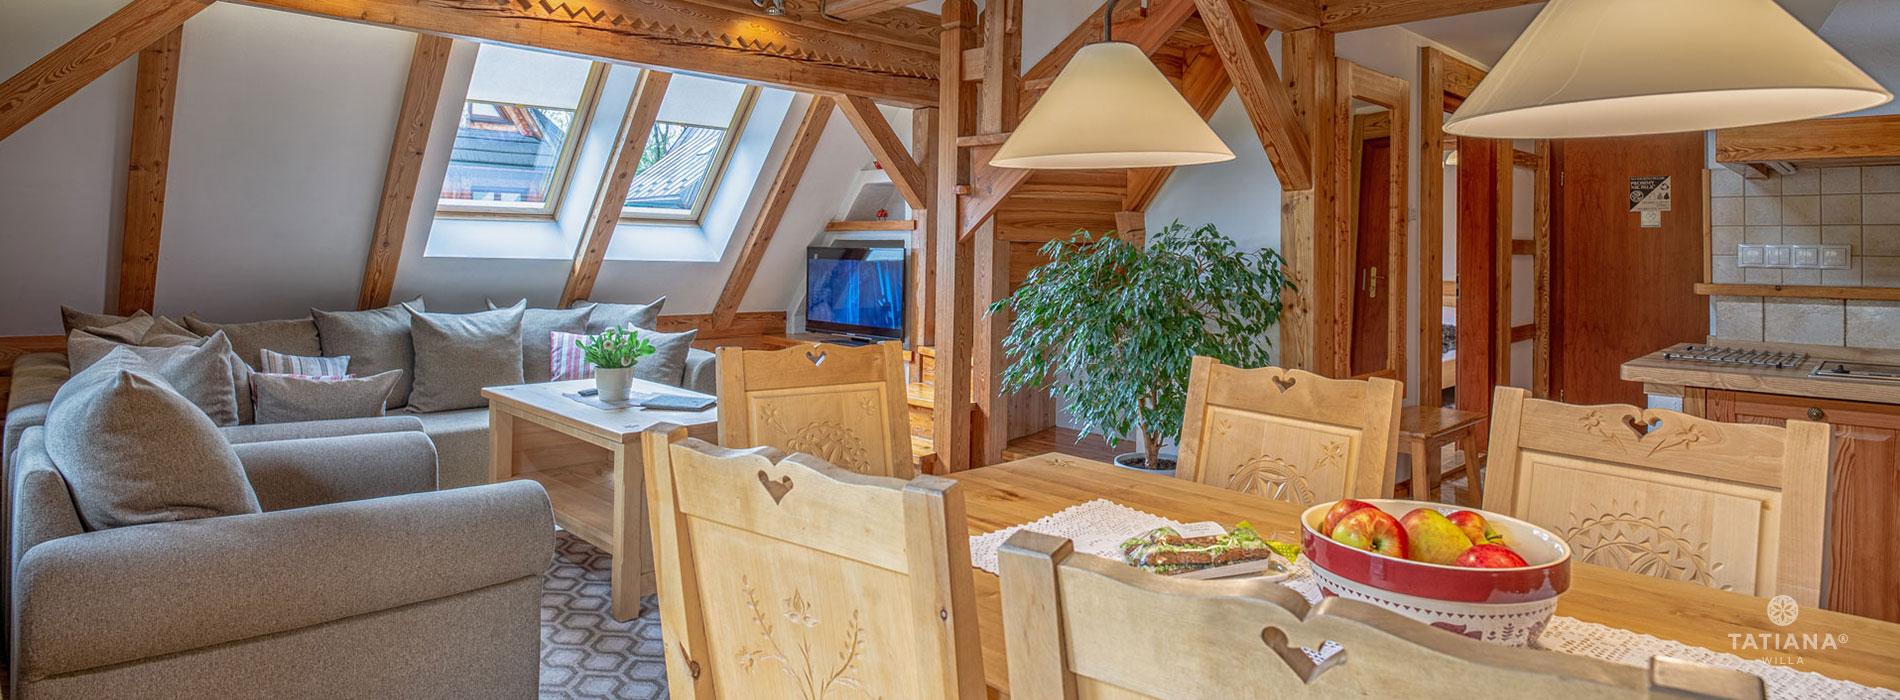 Apartment Premium 9 - Dining room